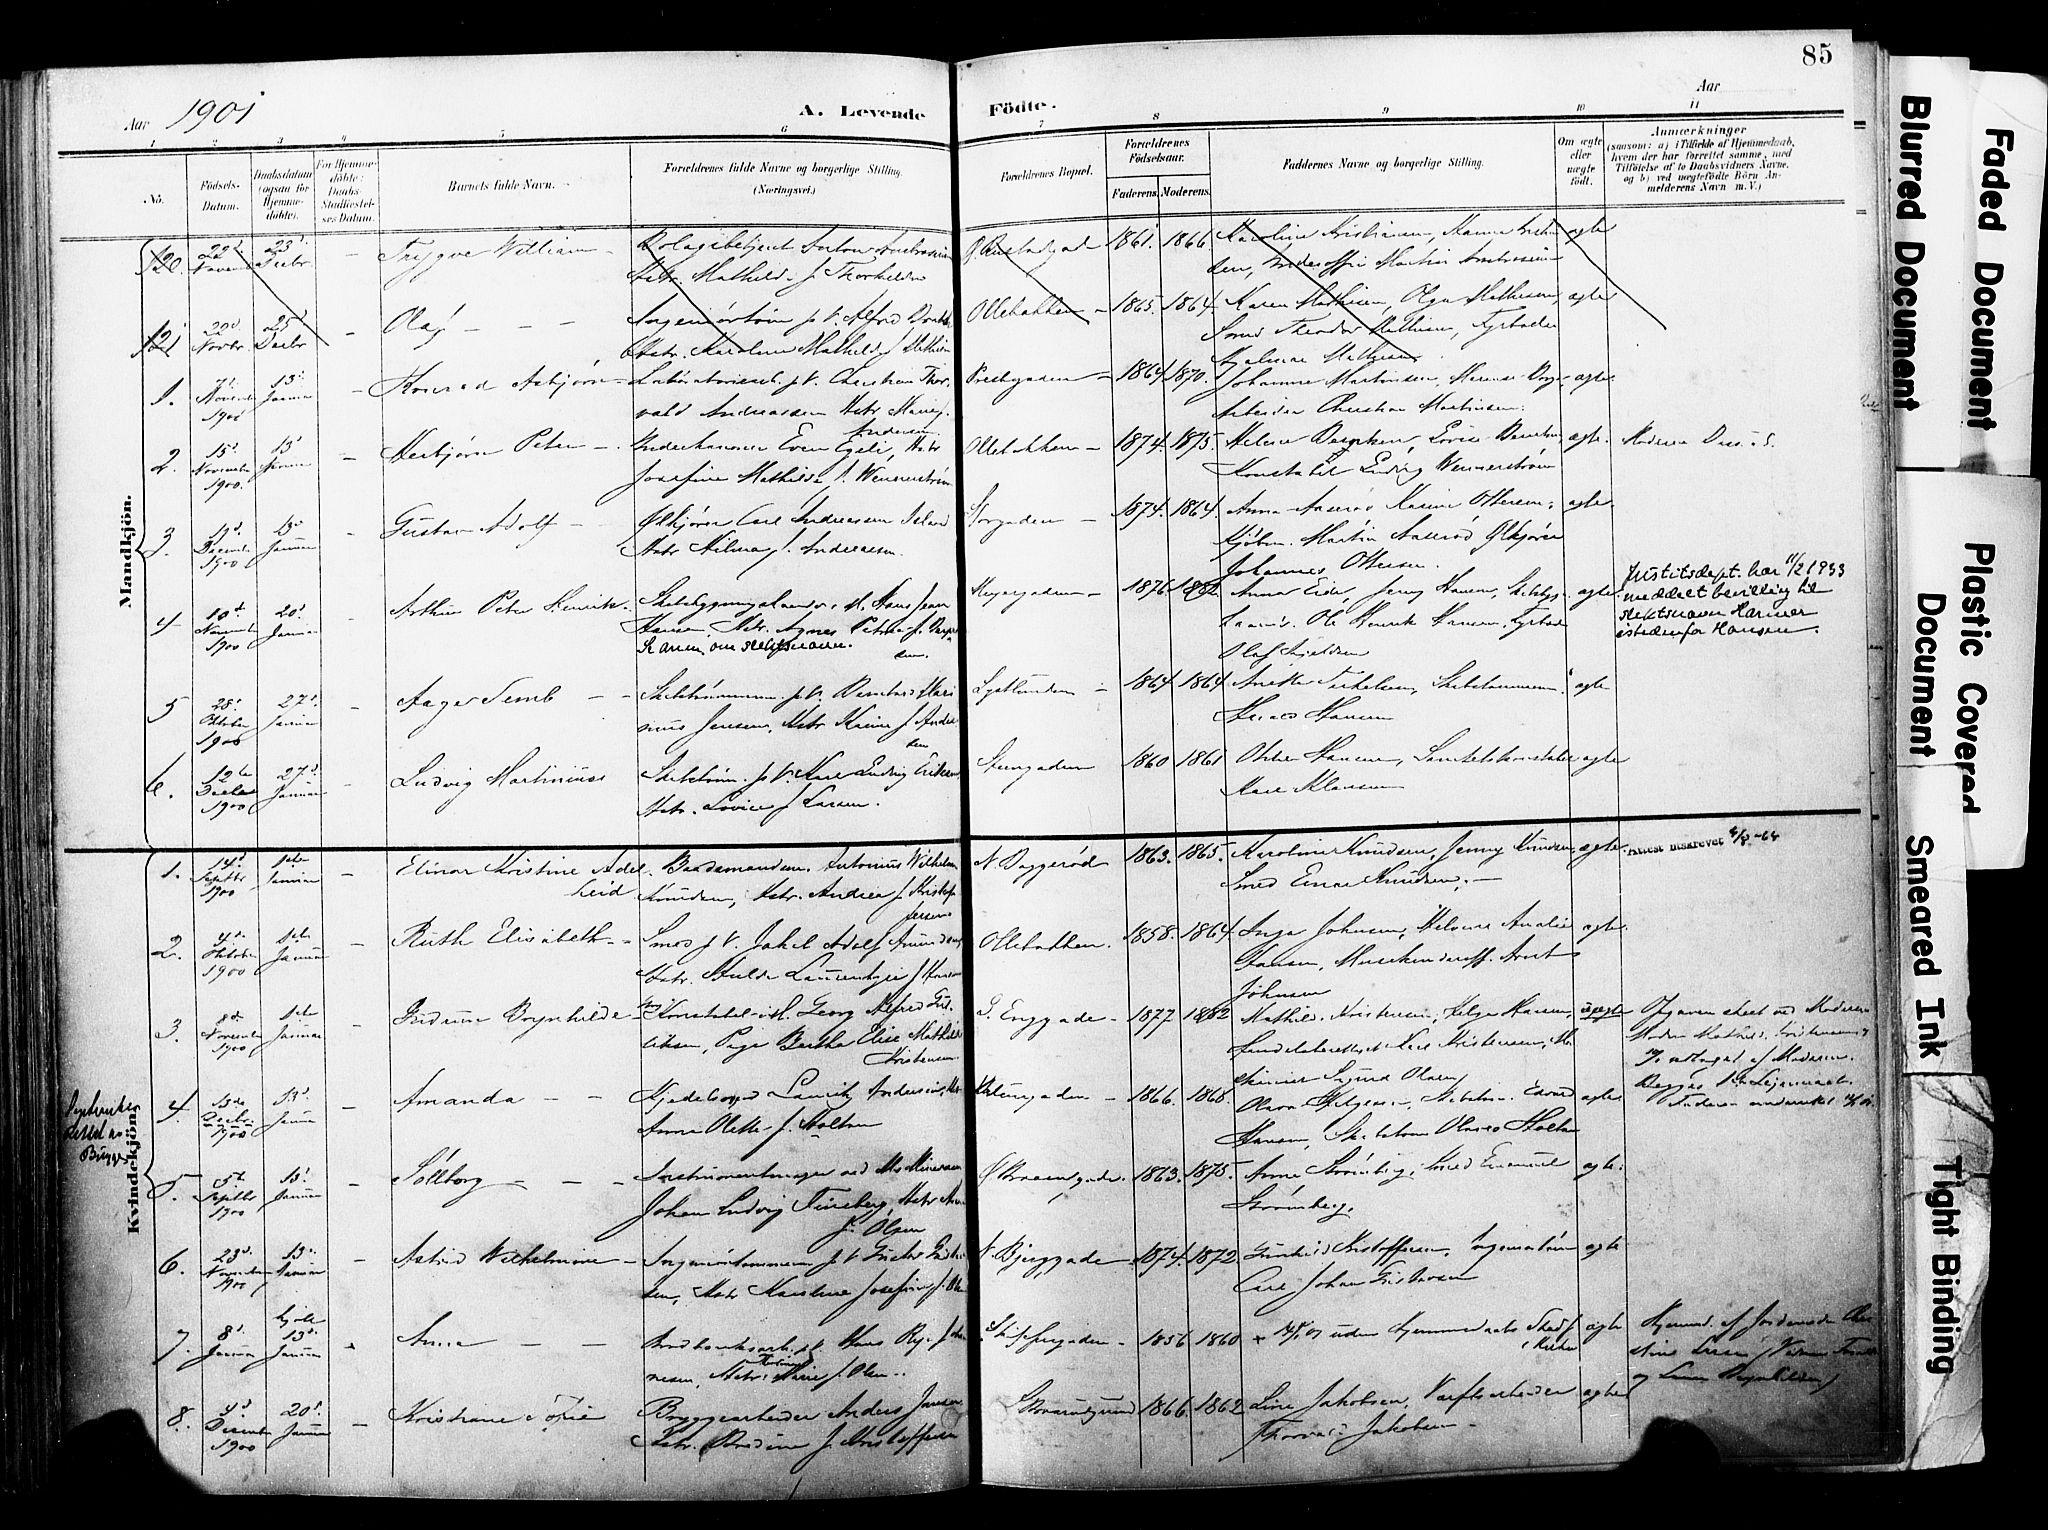 SAKO, Horten kirkebøker, F/Fa/L0005: Ministerialbok nr. 5, 1896-1904, s. 85